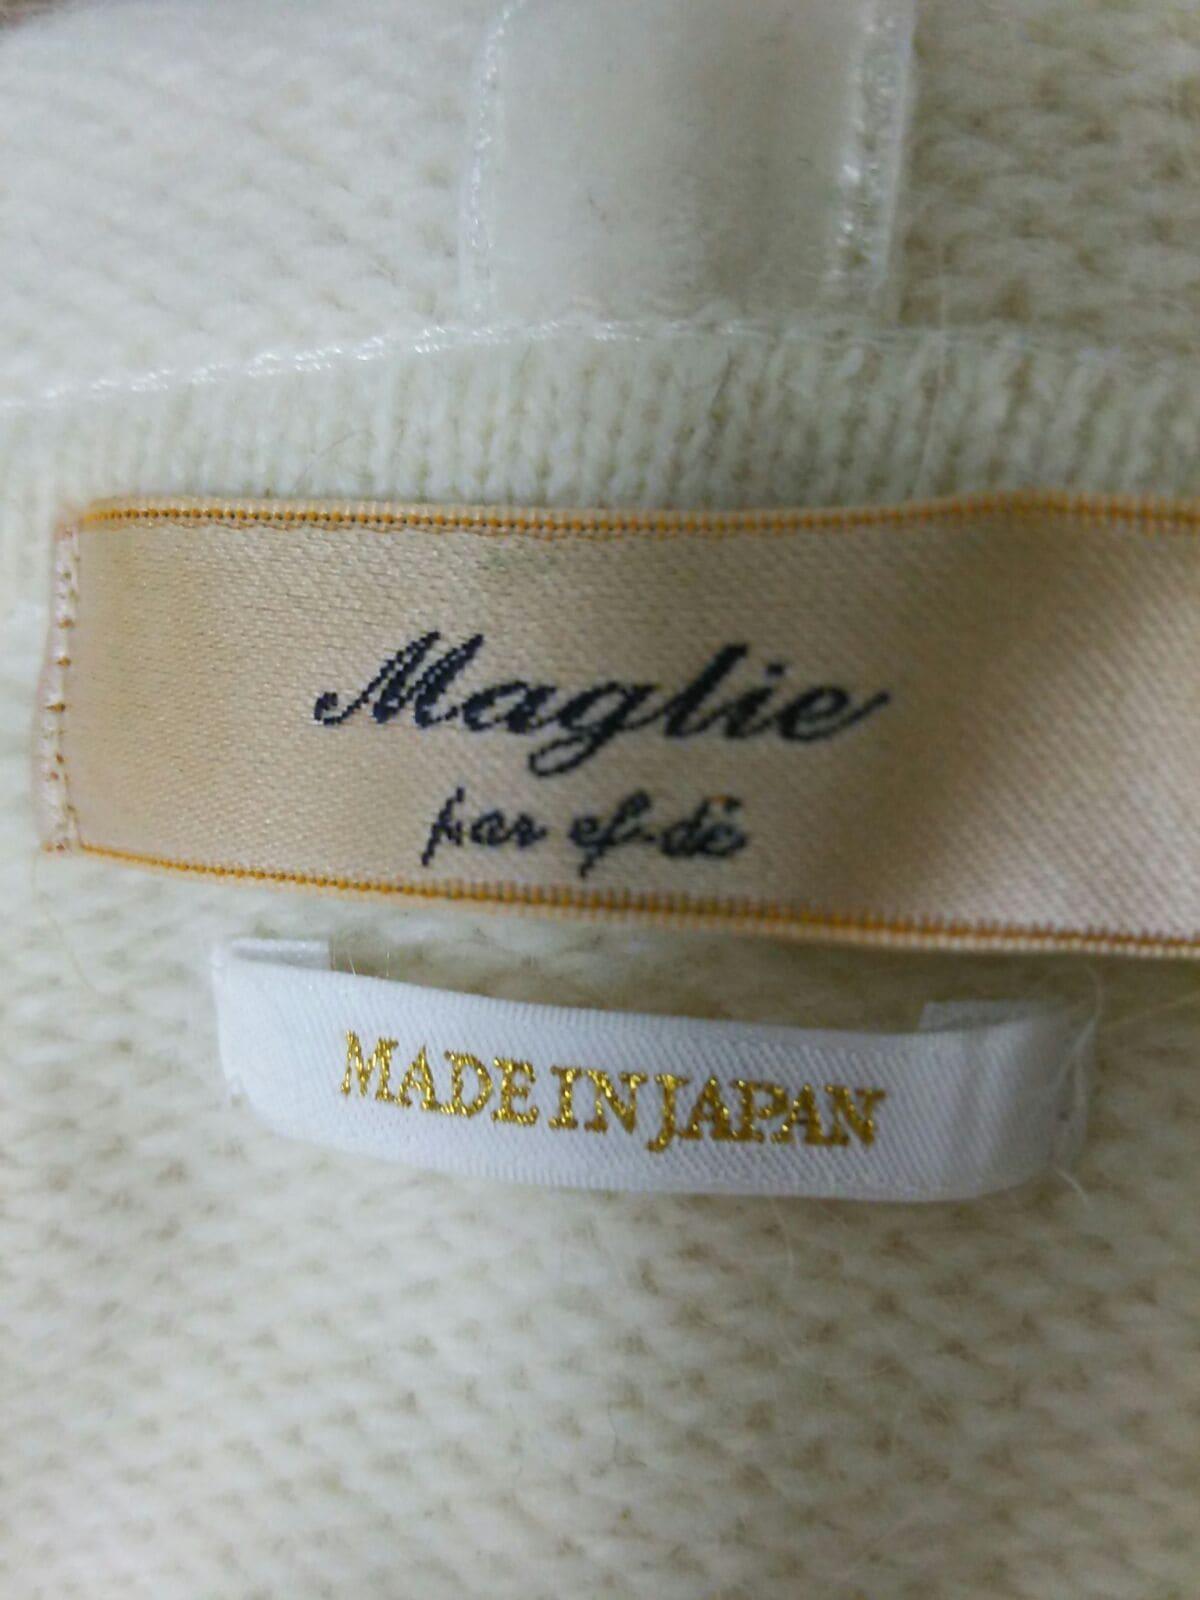 Maglie par ef-de(マーリエ)のブルゾン